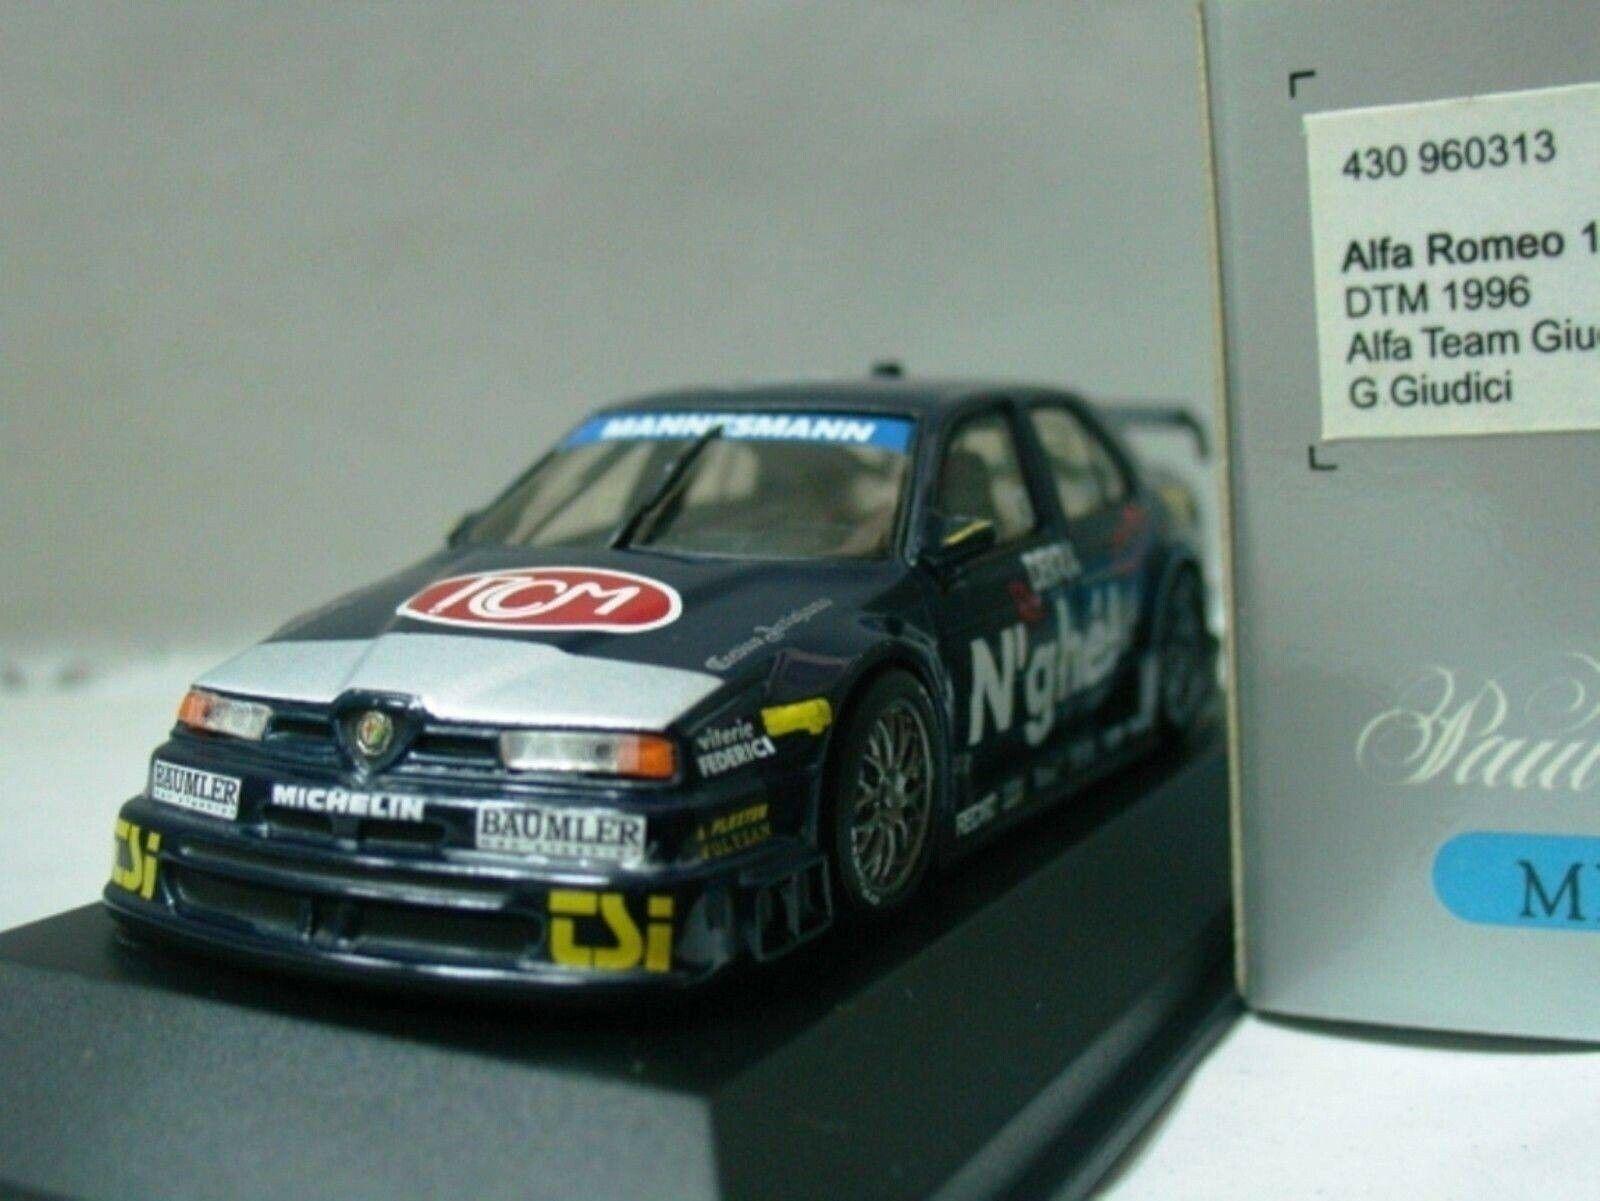 WOW EXTREMELY RARE RARE RARE Alfa Romeo 155 V6  DTM 1996 Giudici 1 43 Minichamps-ITC bb17a8